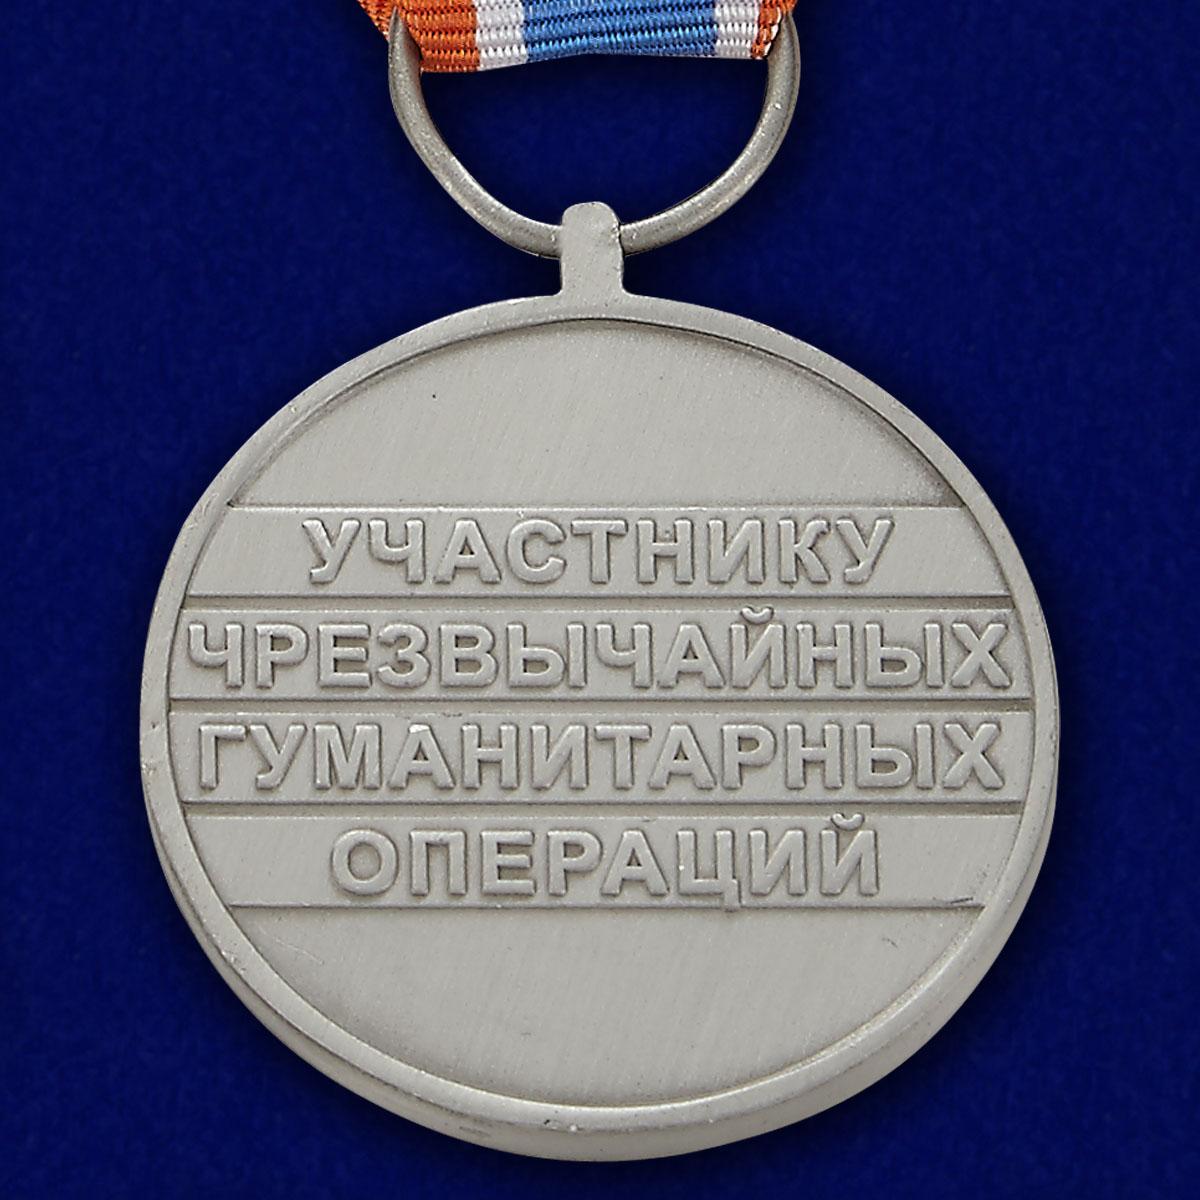 Медаль Участнику чрезвычайных гуманитарных операций МЧС - оборотная сторона